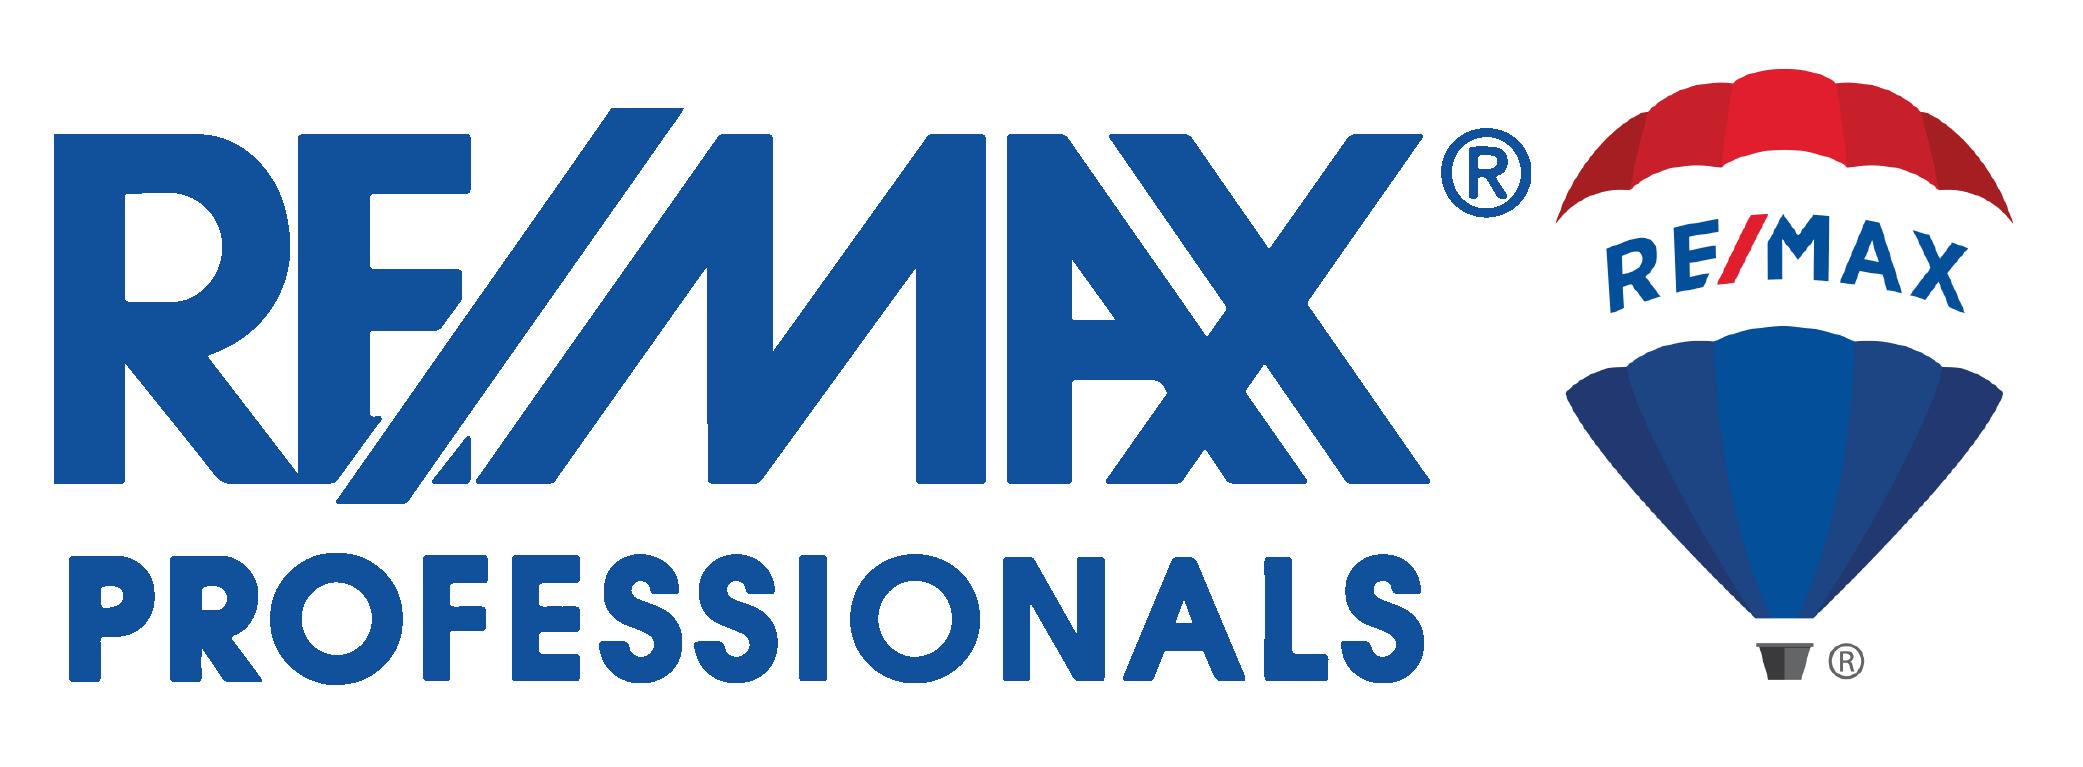 Remax Professionals-01.png